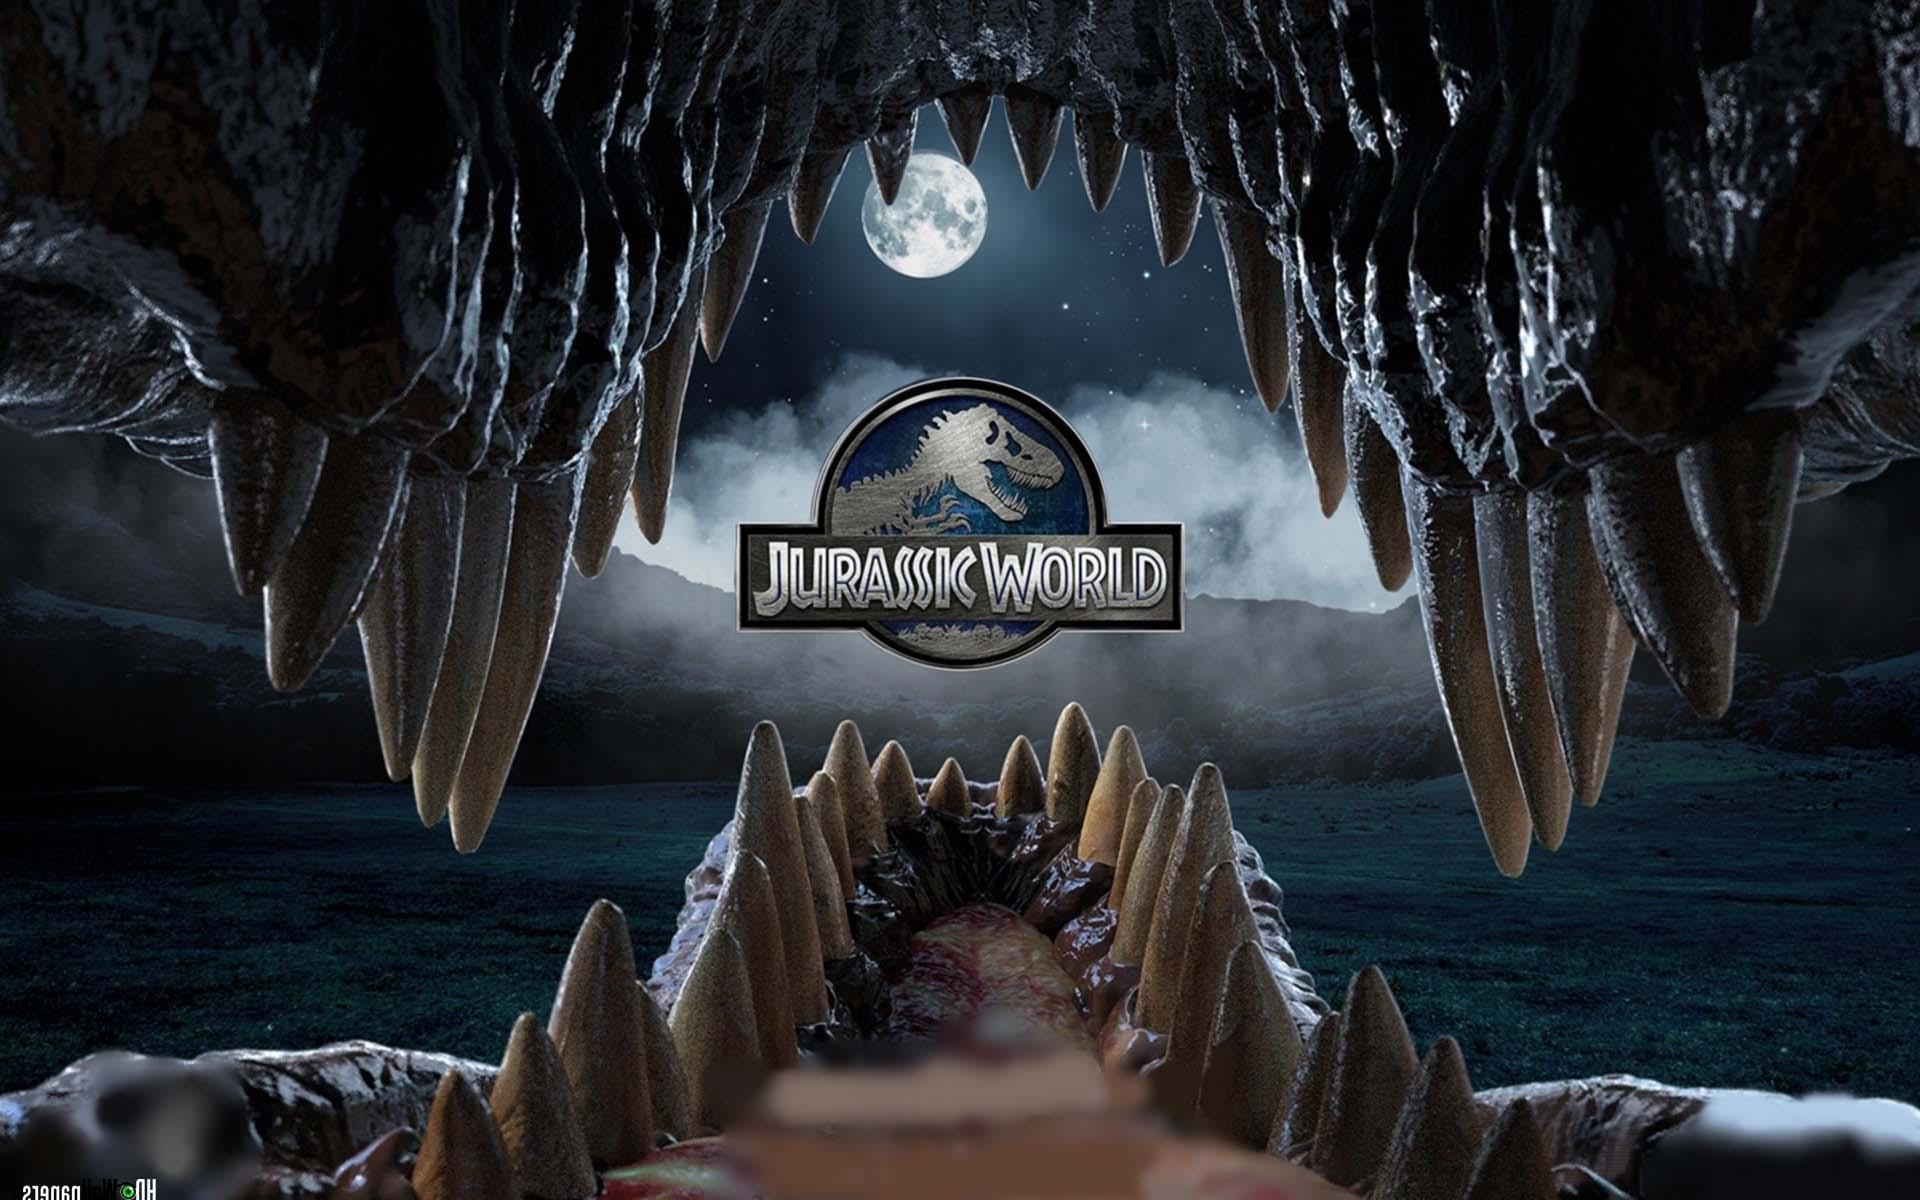 Jurassic World Hd Wallpapers 7wallpapersnet